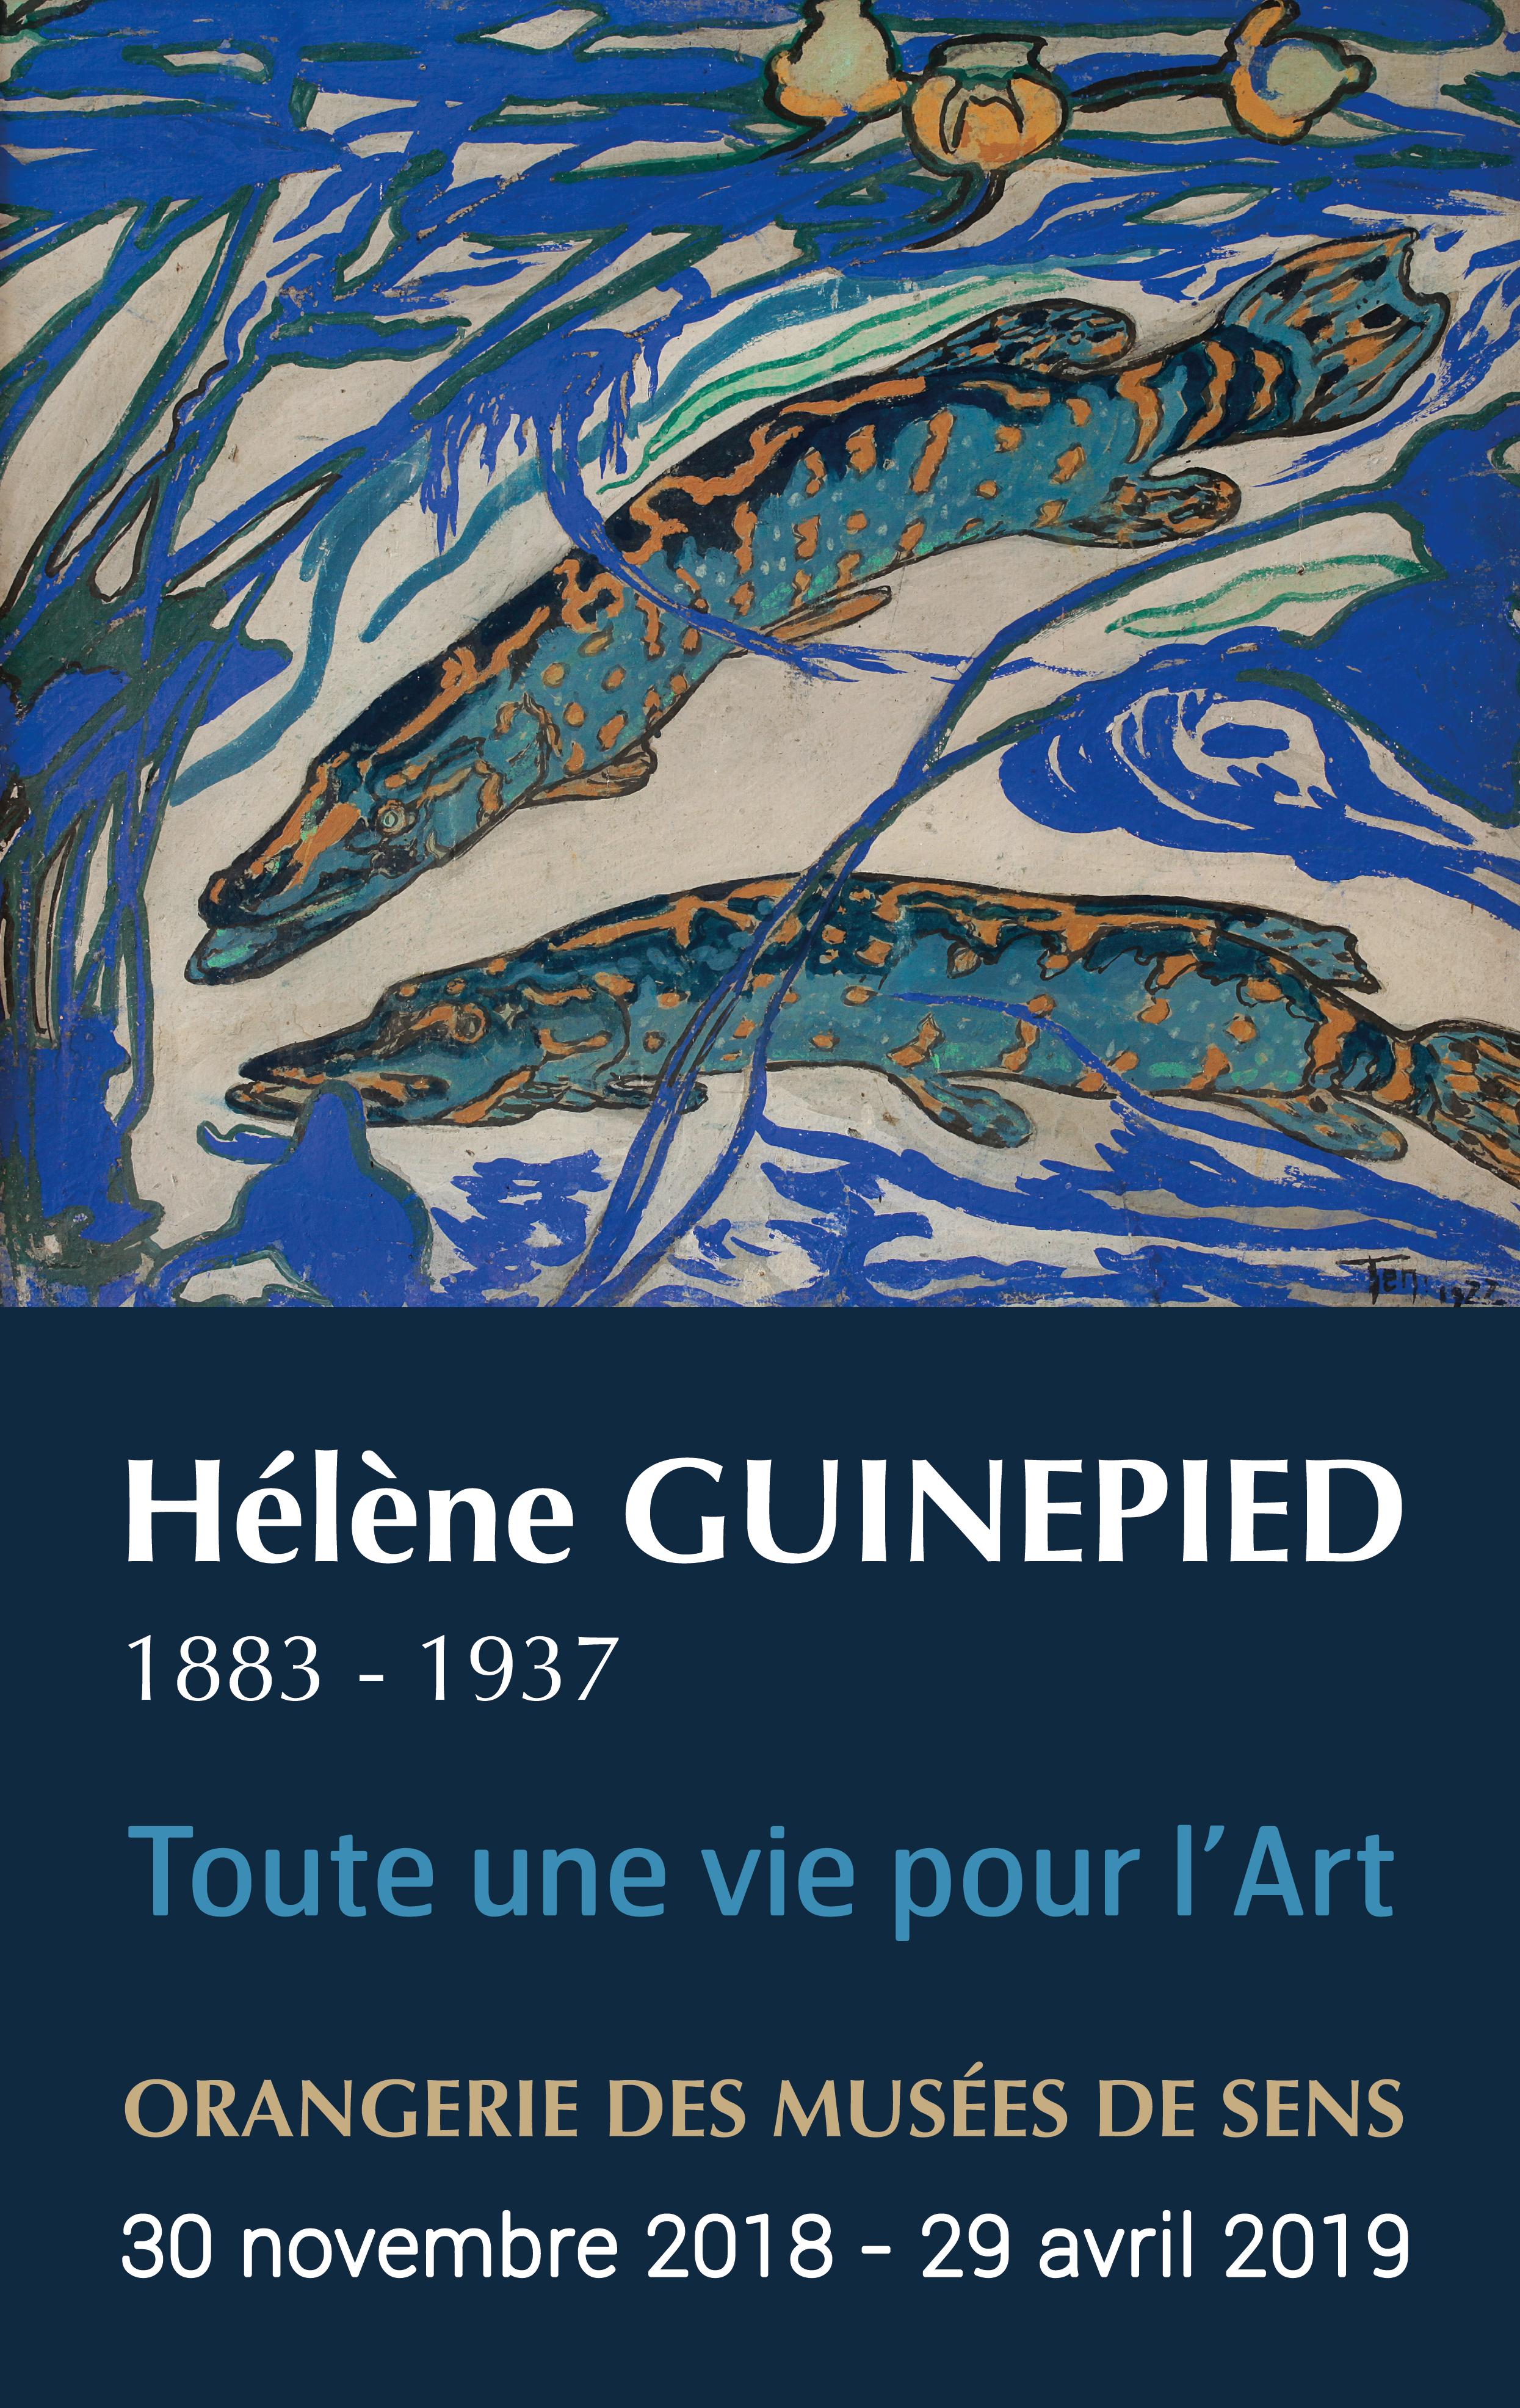 Hélène Guinepied, exposition